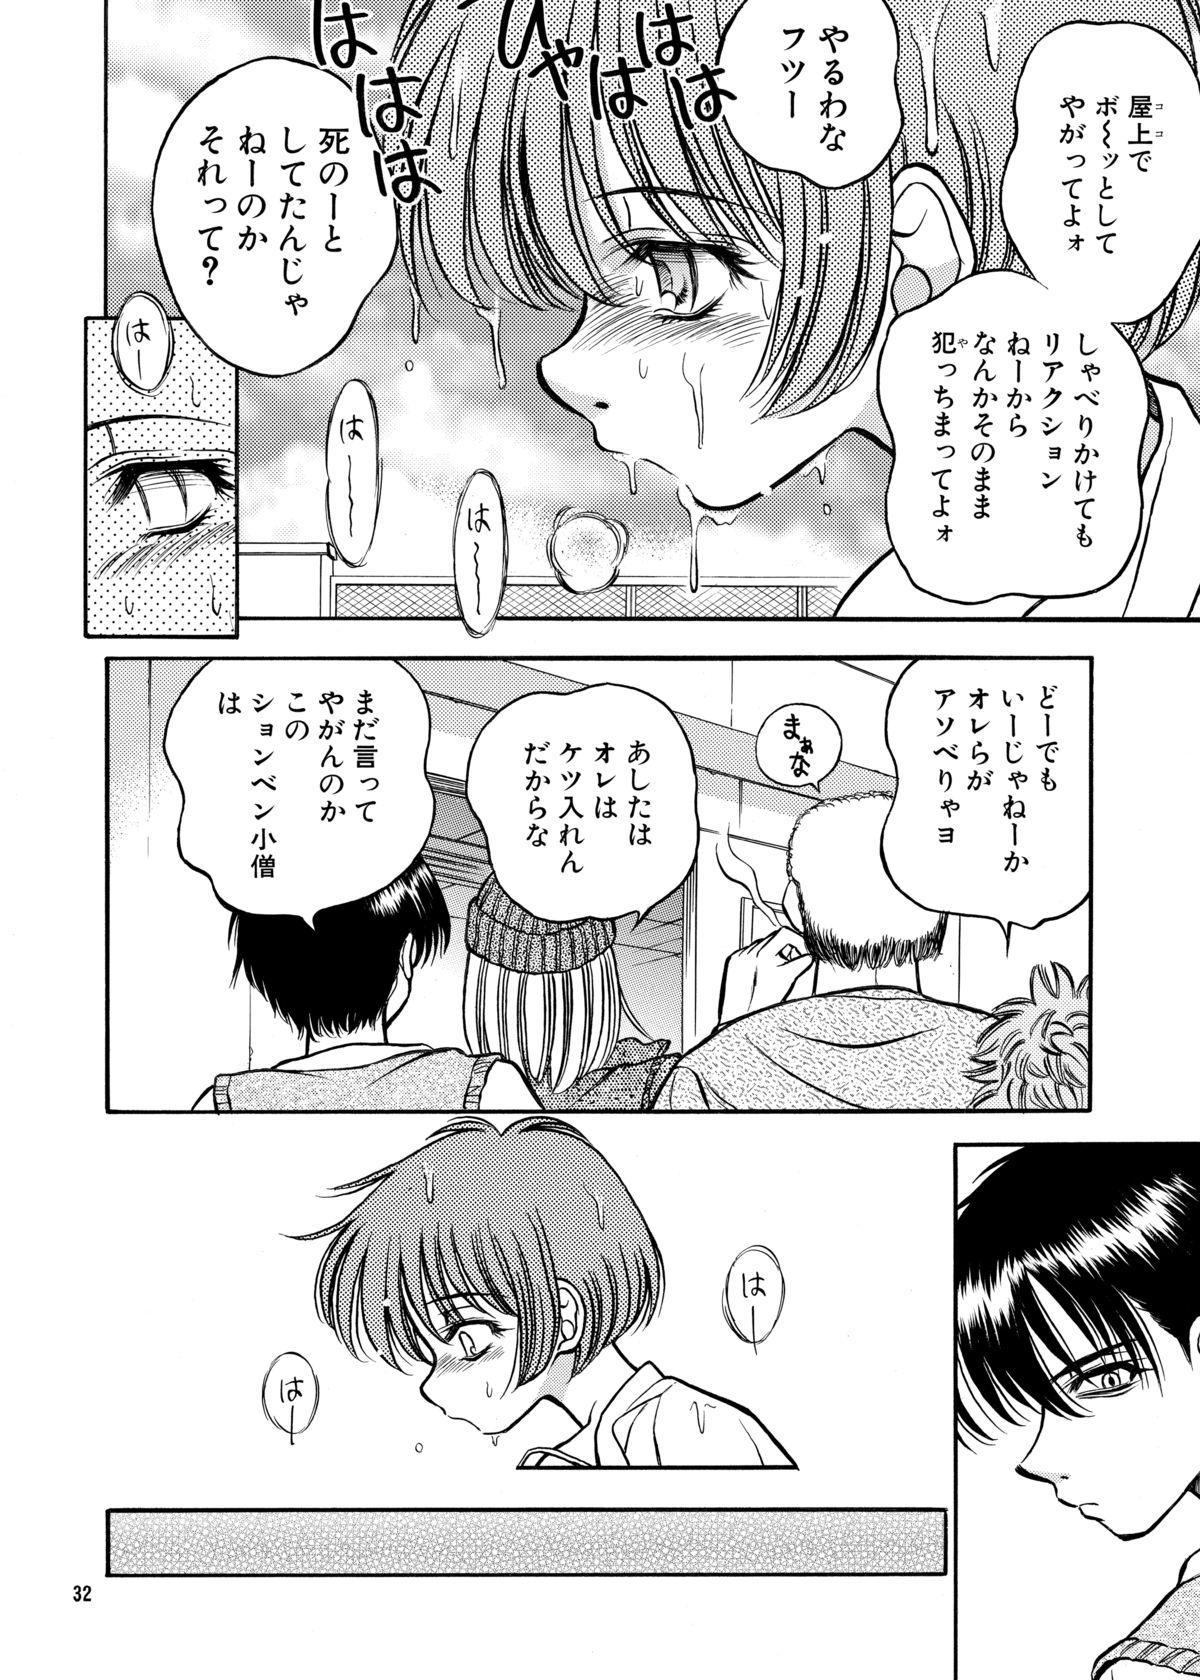 ココロノママニ 厩戸王子商業作品再録本 30